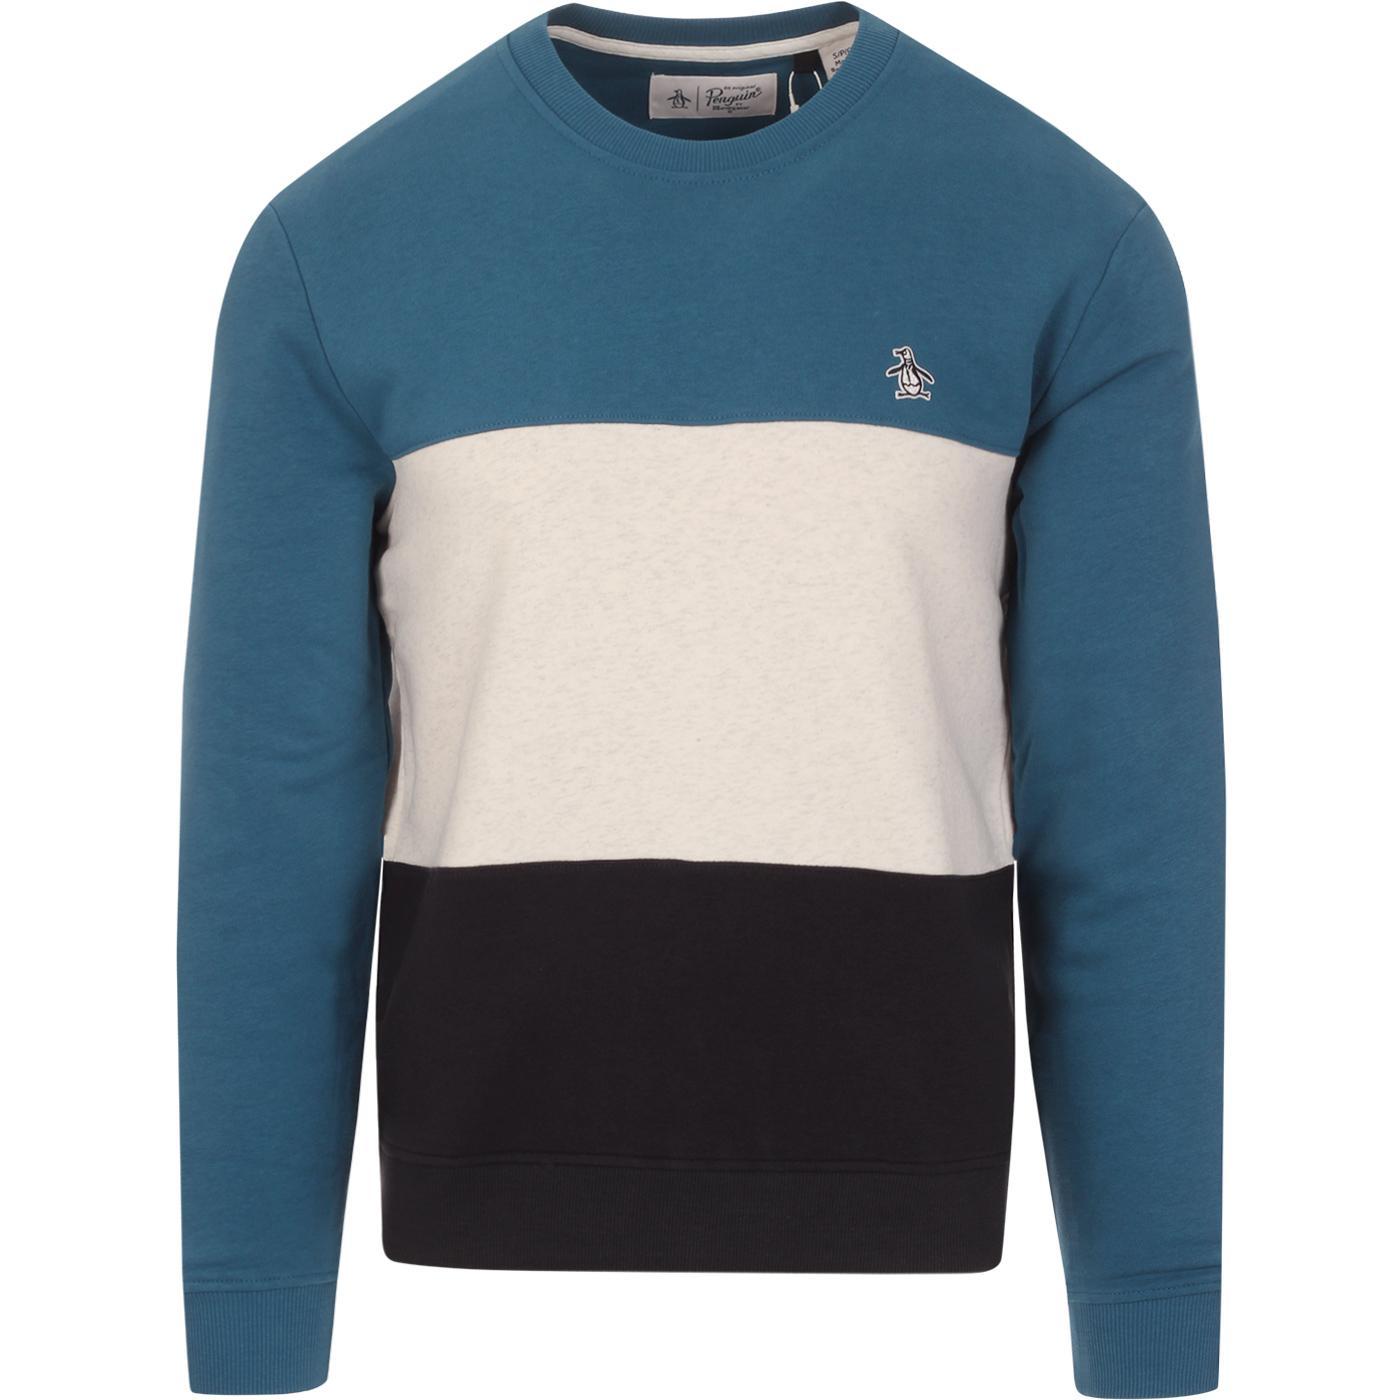 ORIGINAL PENGUIN Retro Colour Block Sweatshirt